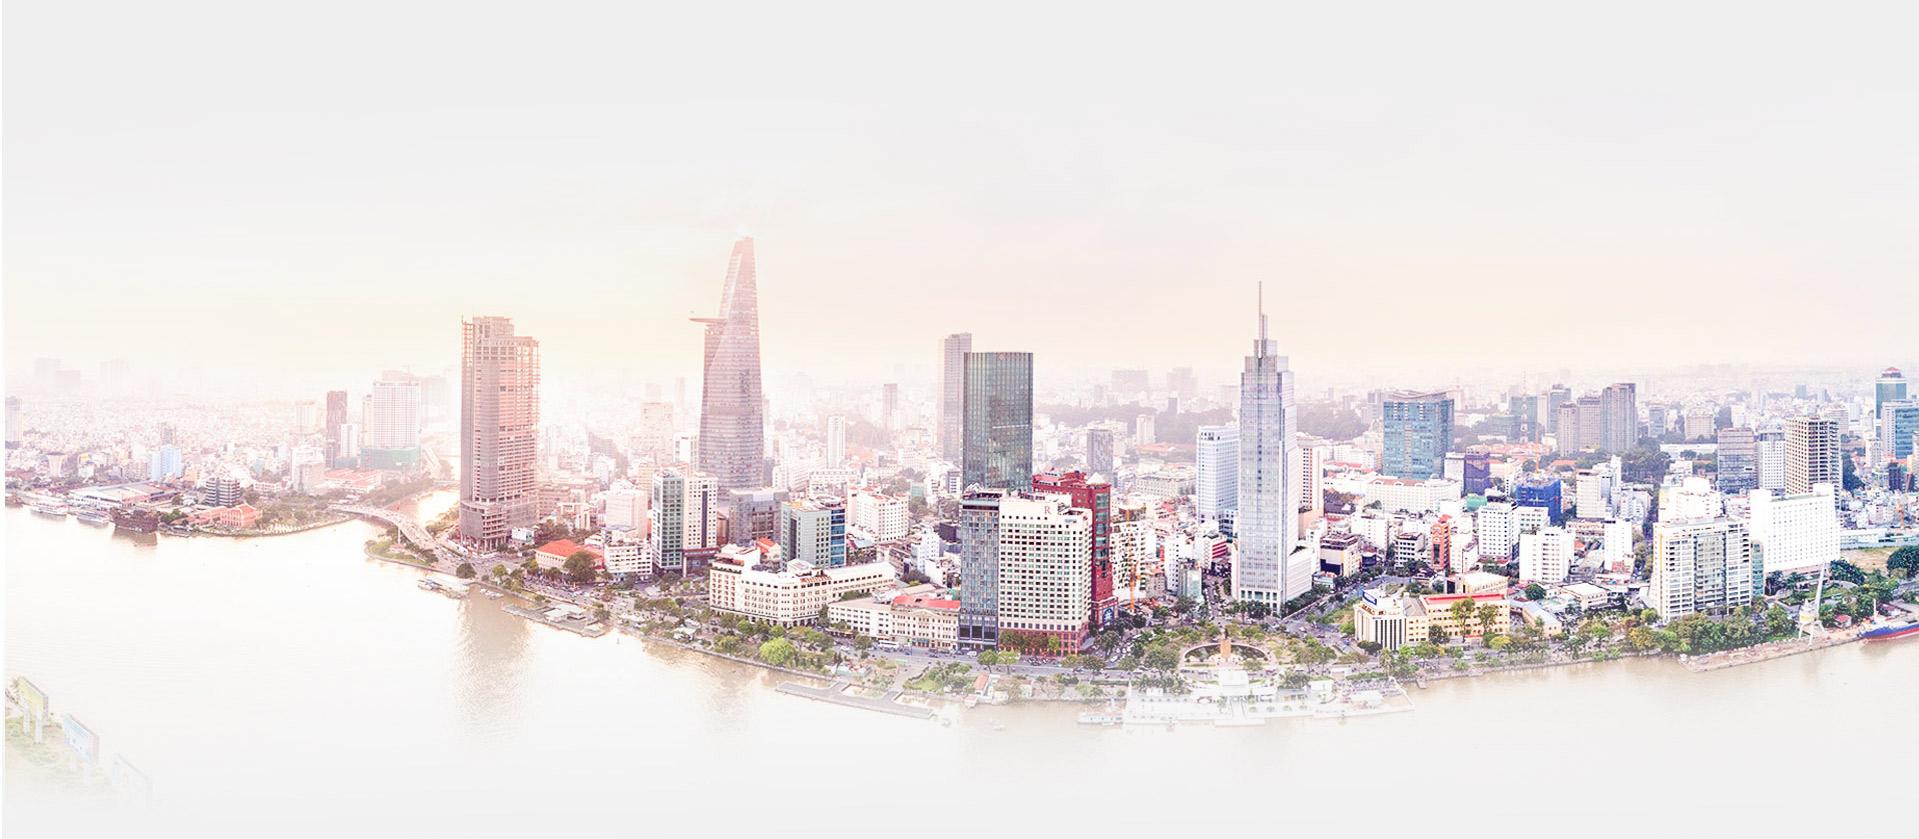 Hình ảnh mới nhất cập nhật từ dự án Akari City